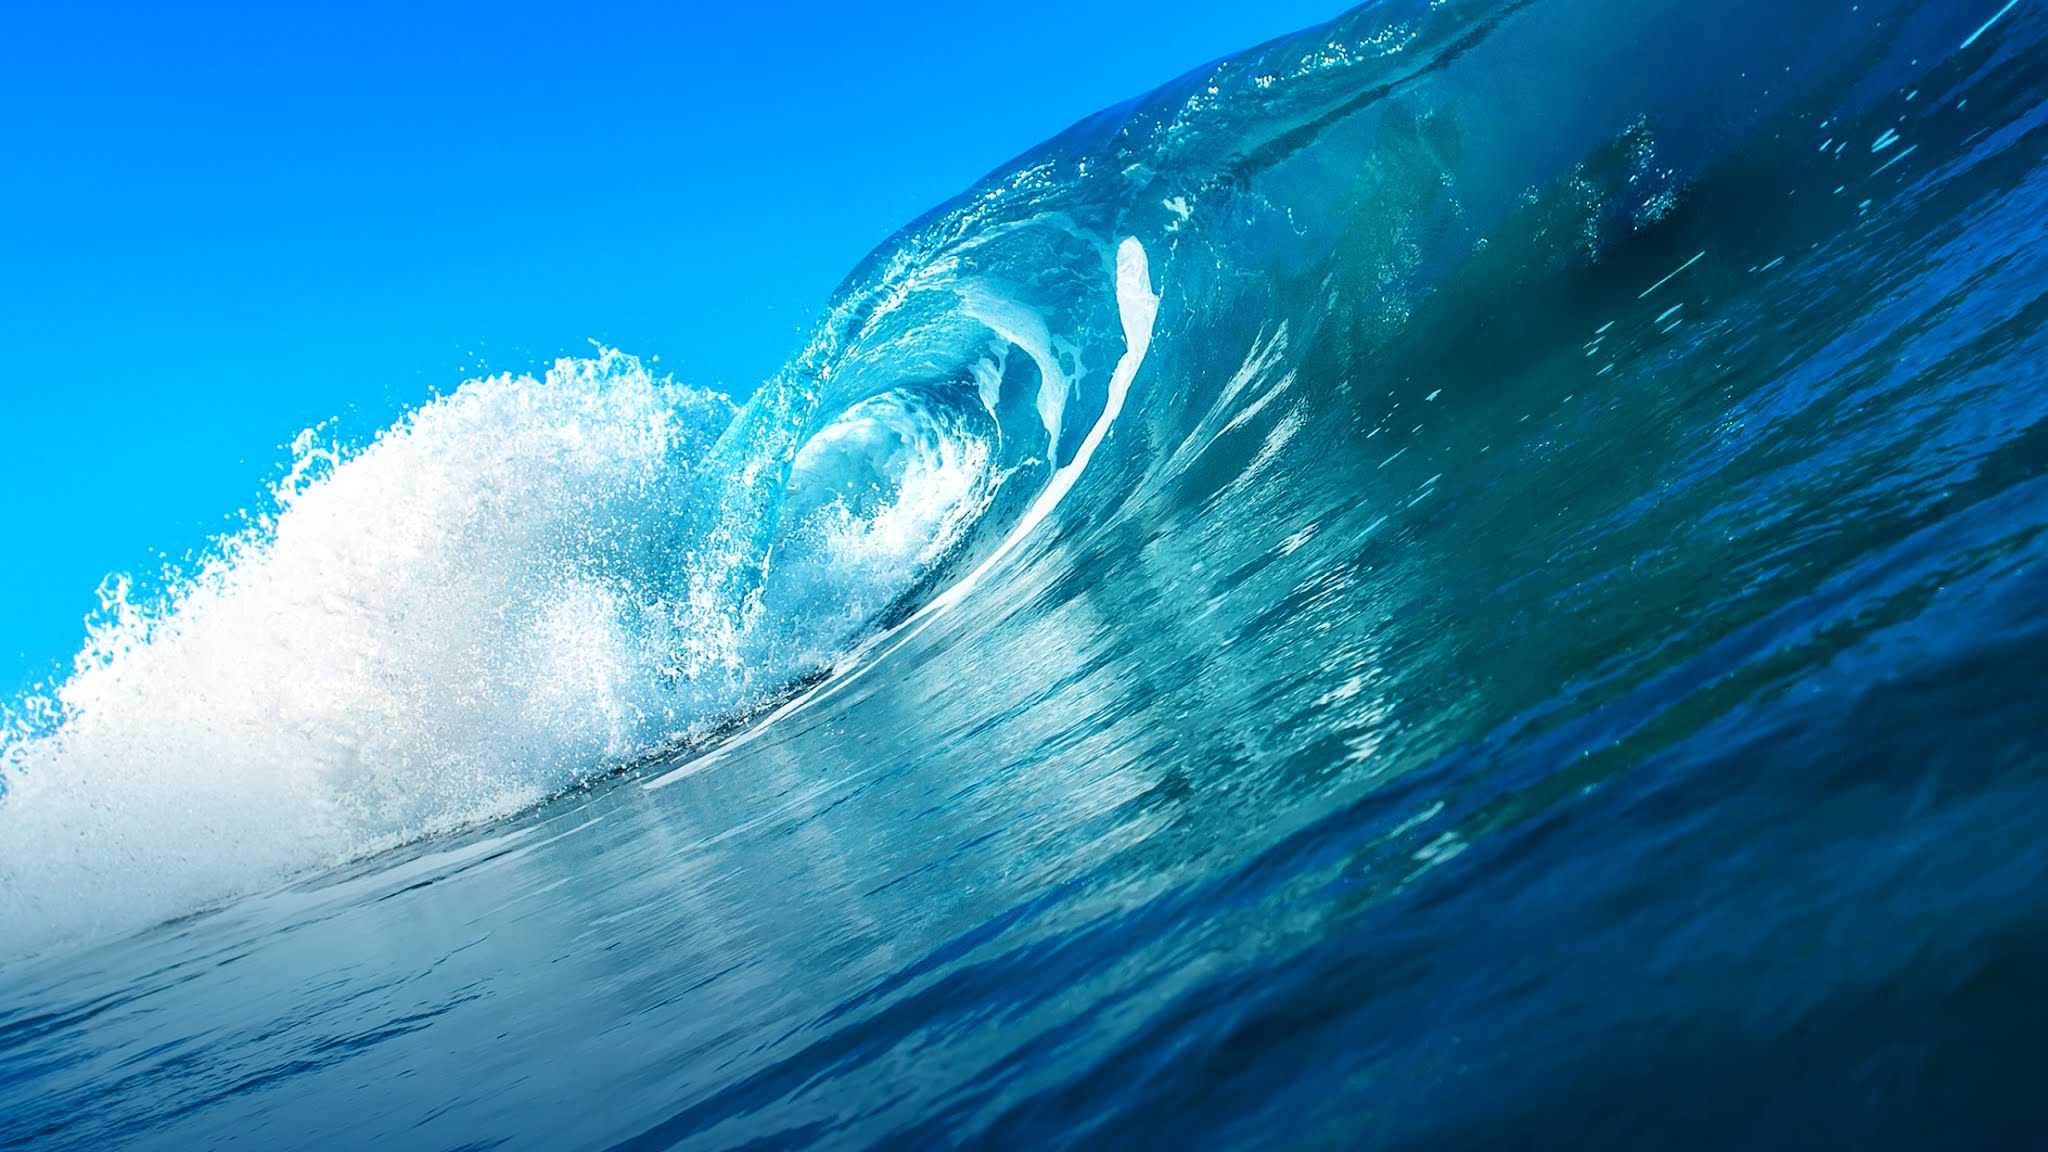 Summer Blue Sky Ocean Waves